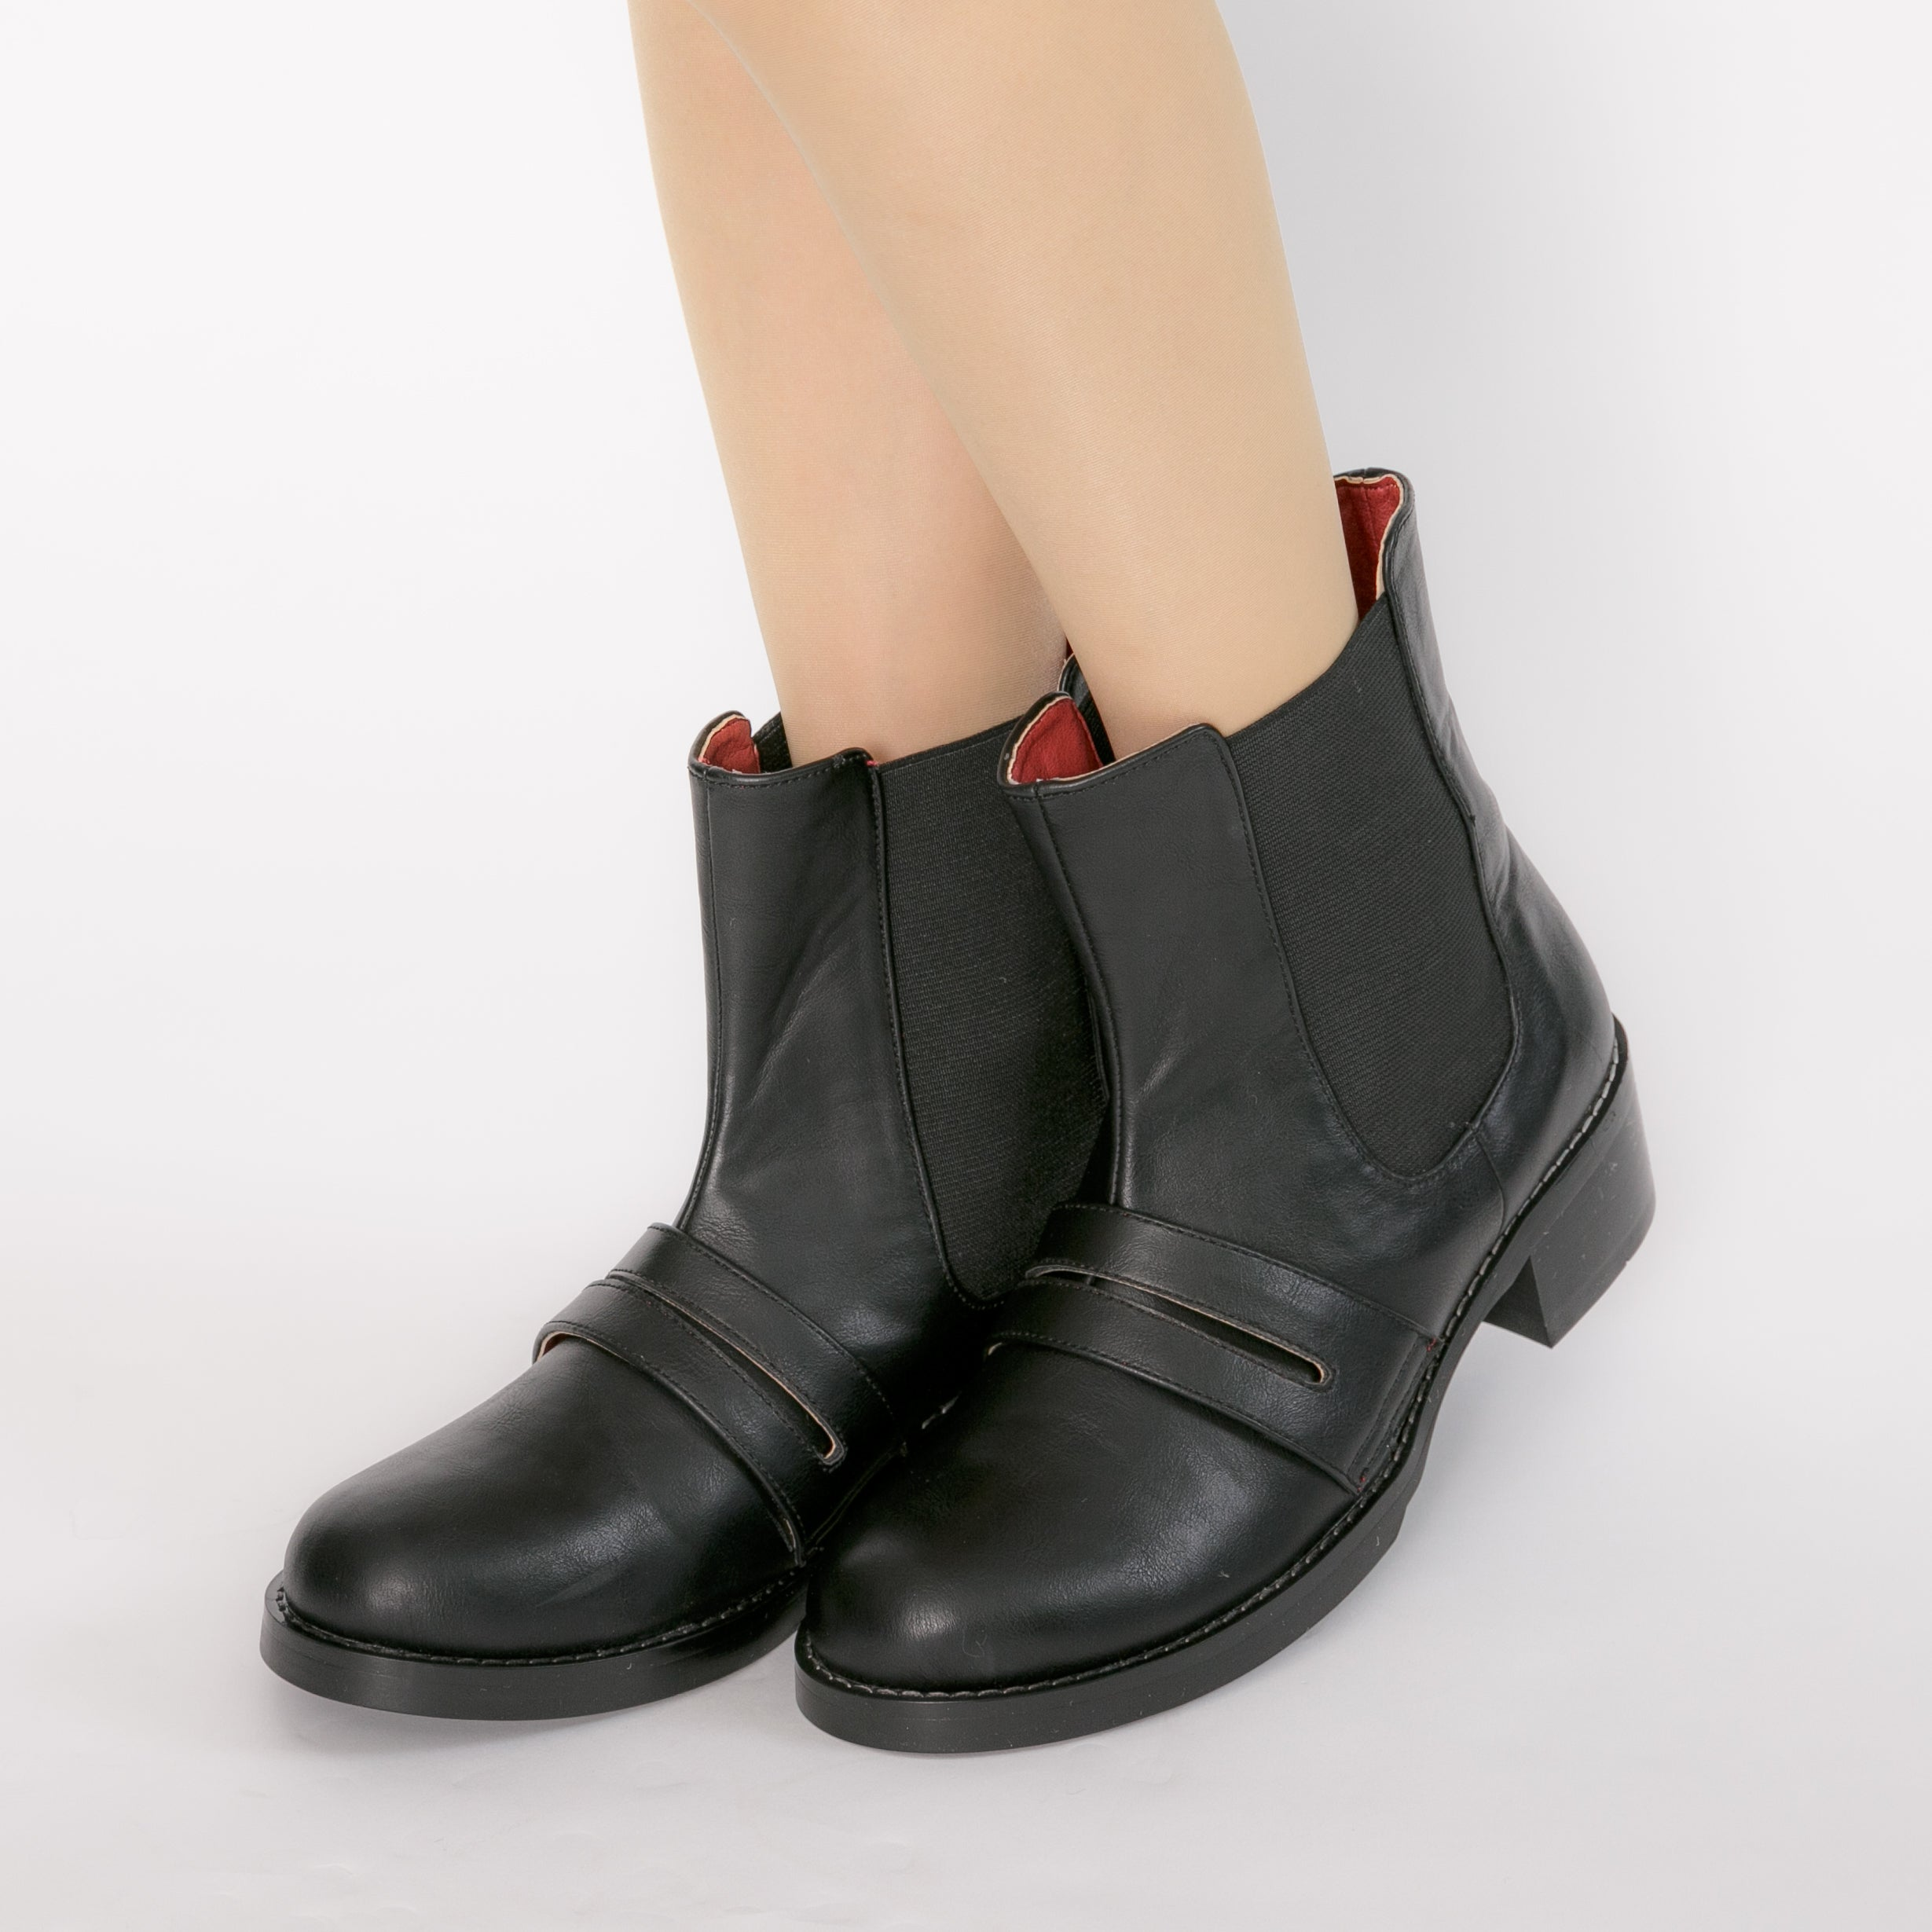 大包平モデル ブーツ 刀剣乱舞-ONLINE-